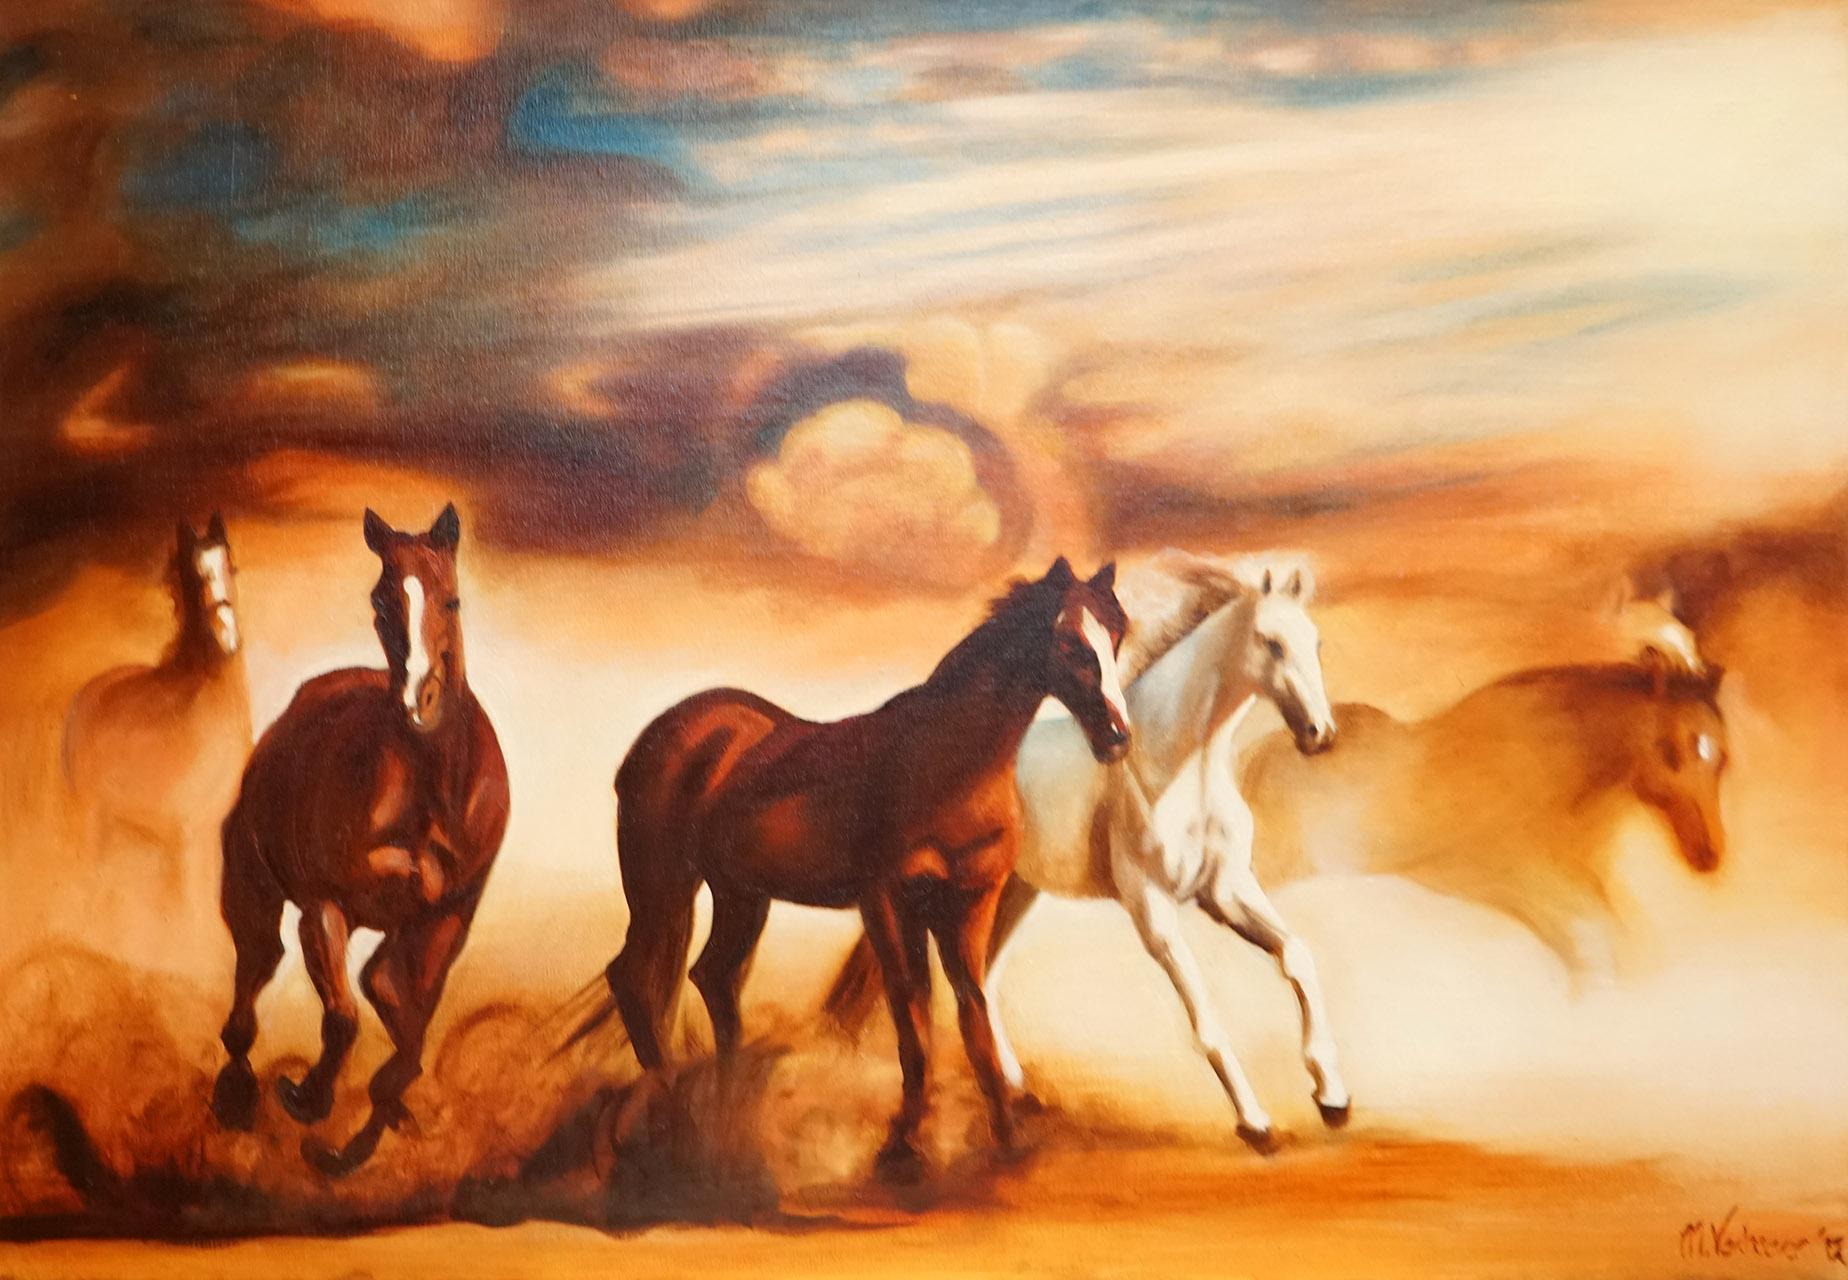 Monique van Wesenbeek_Paarden in de storm_Olieverf op doek_120x8